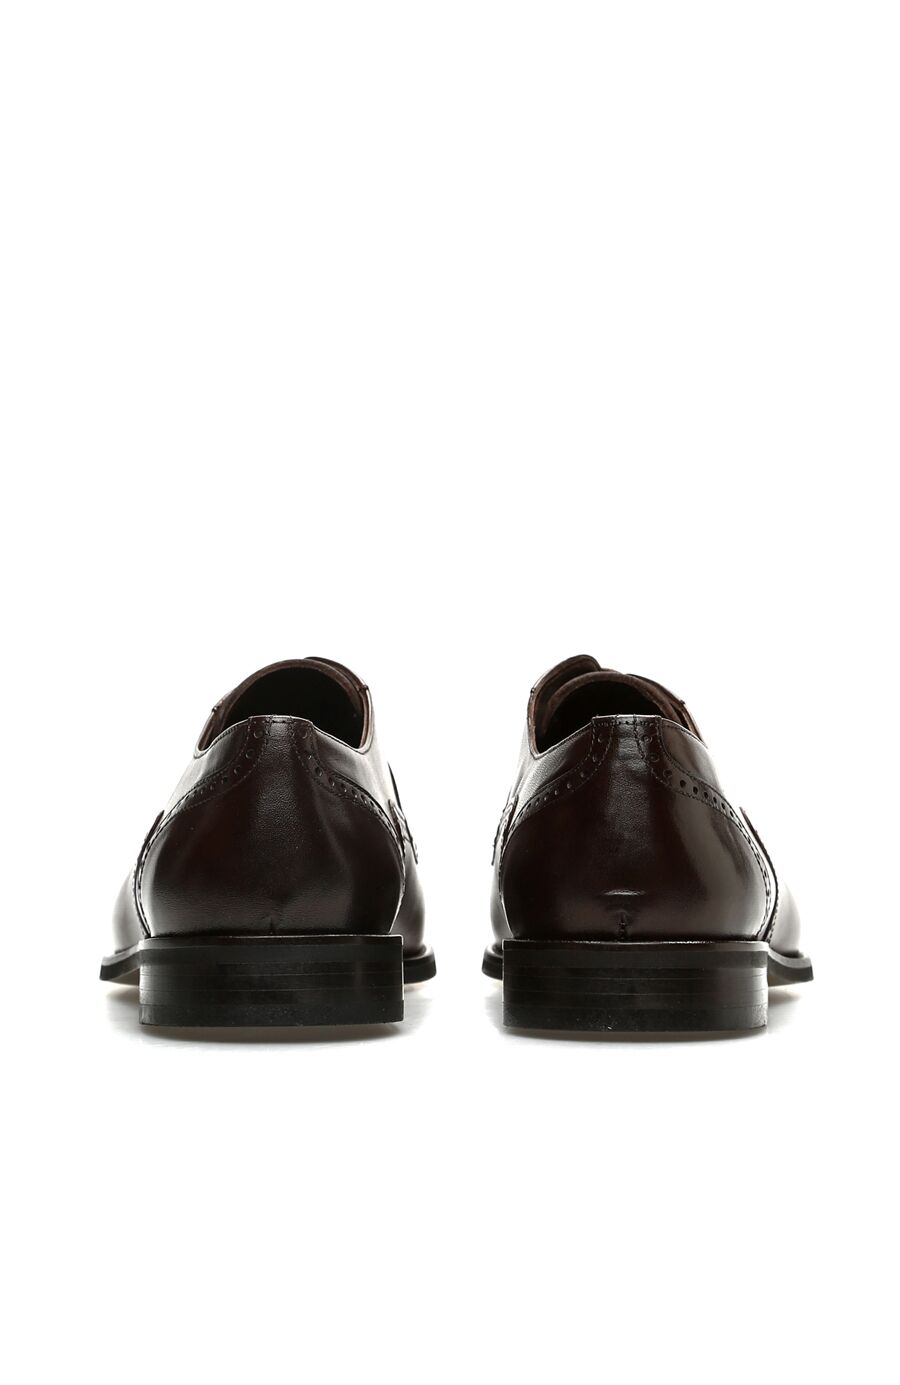 Zımbalı Kahverengi Ayakkabı